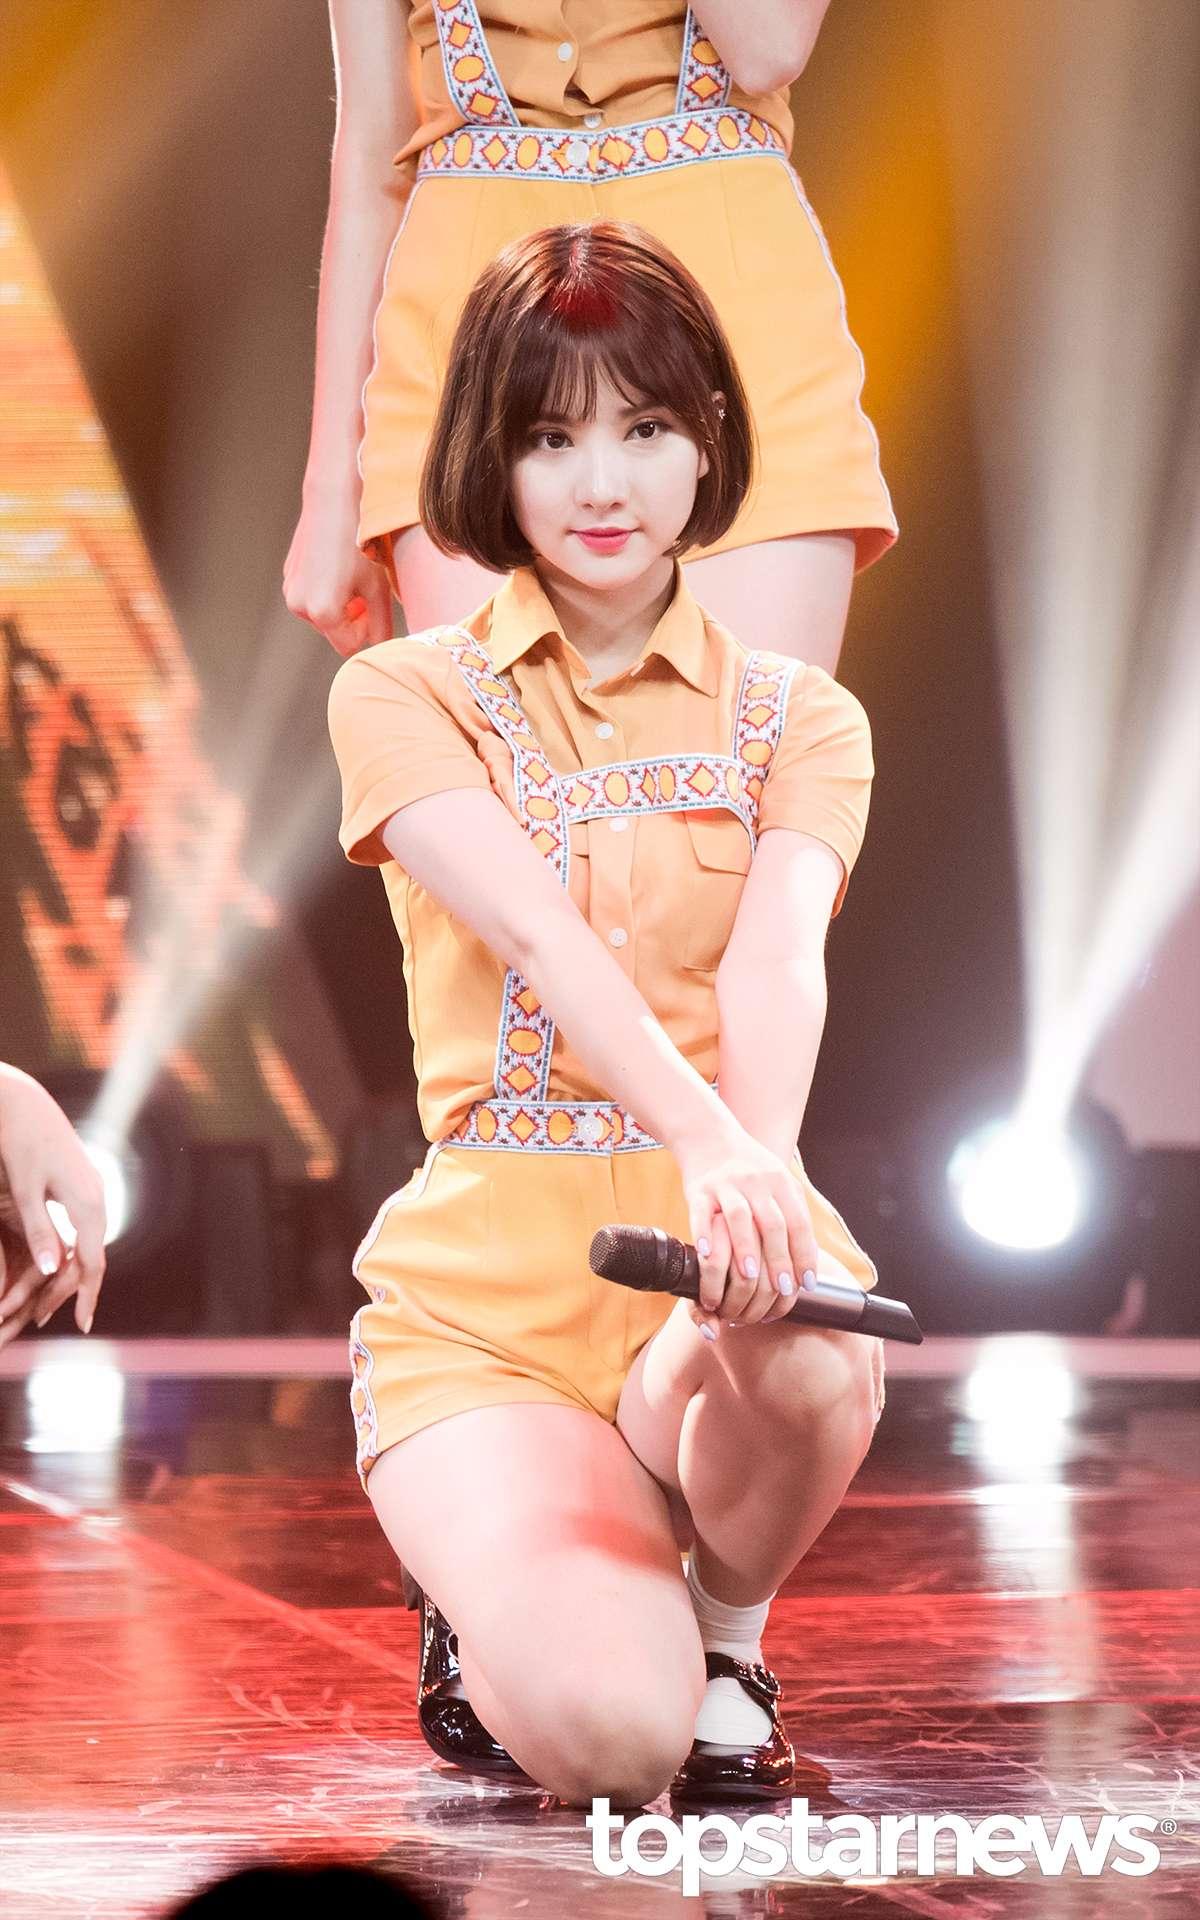 △Eunha 換了造型也整個煥然一新的Eunha,短髮不但不突兀反而更顯得可愛呢!